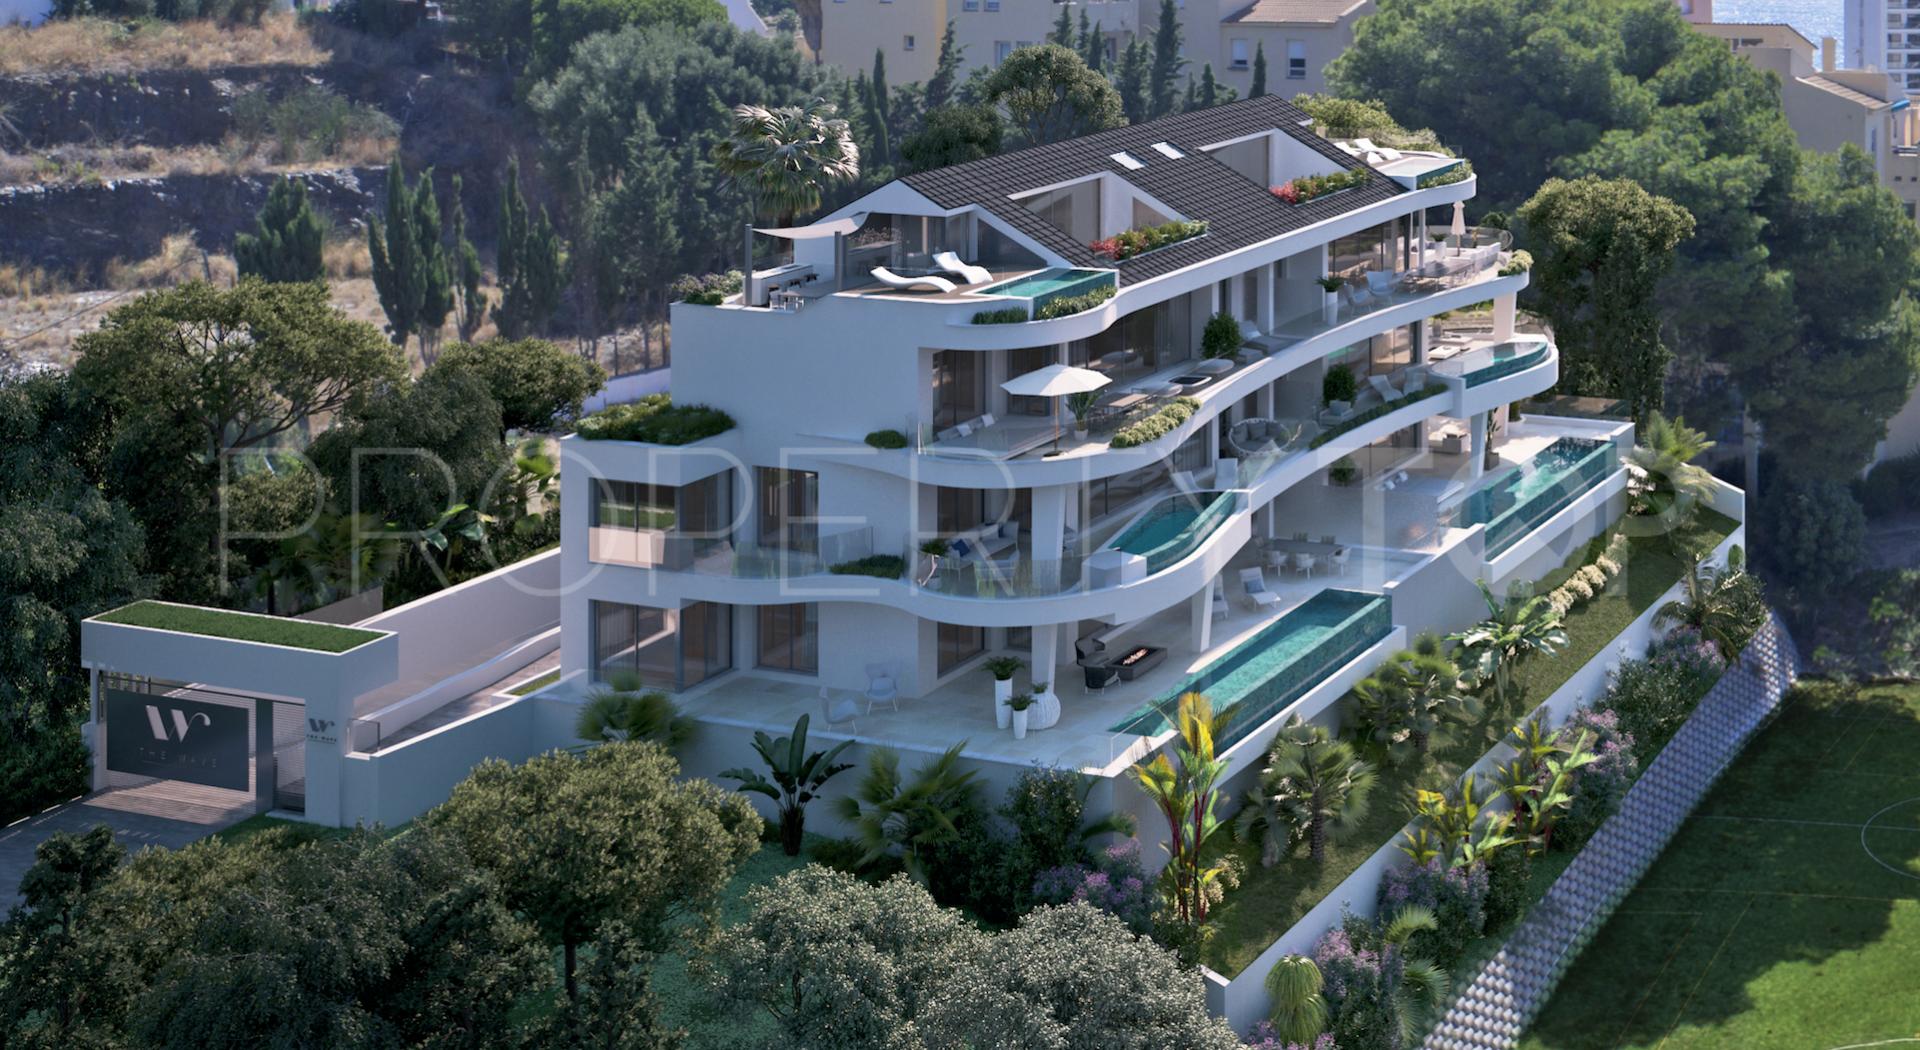 4385cc5f4f4c 3 bedrooms Torrequebrada duplex penthouse